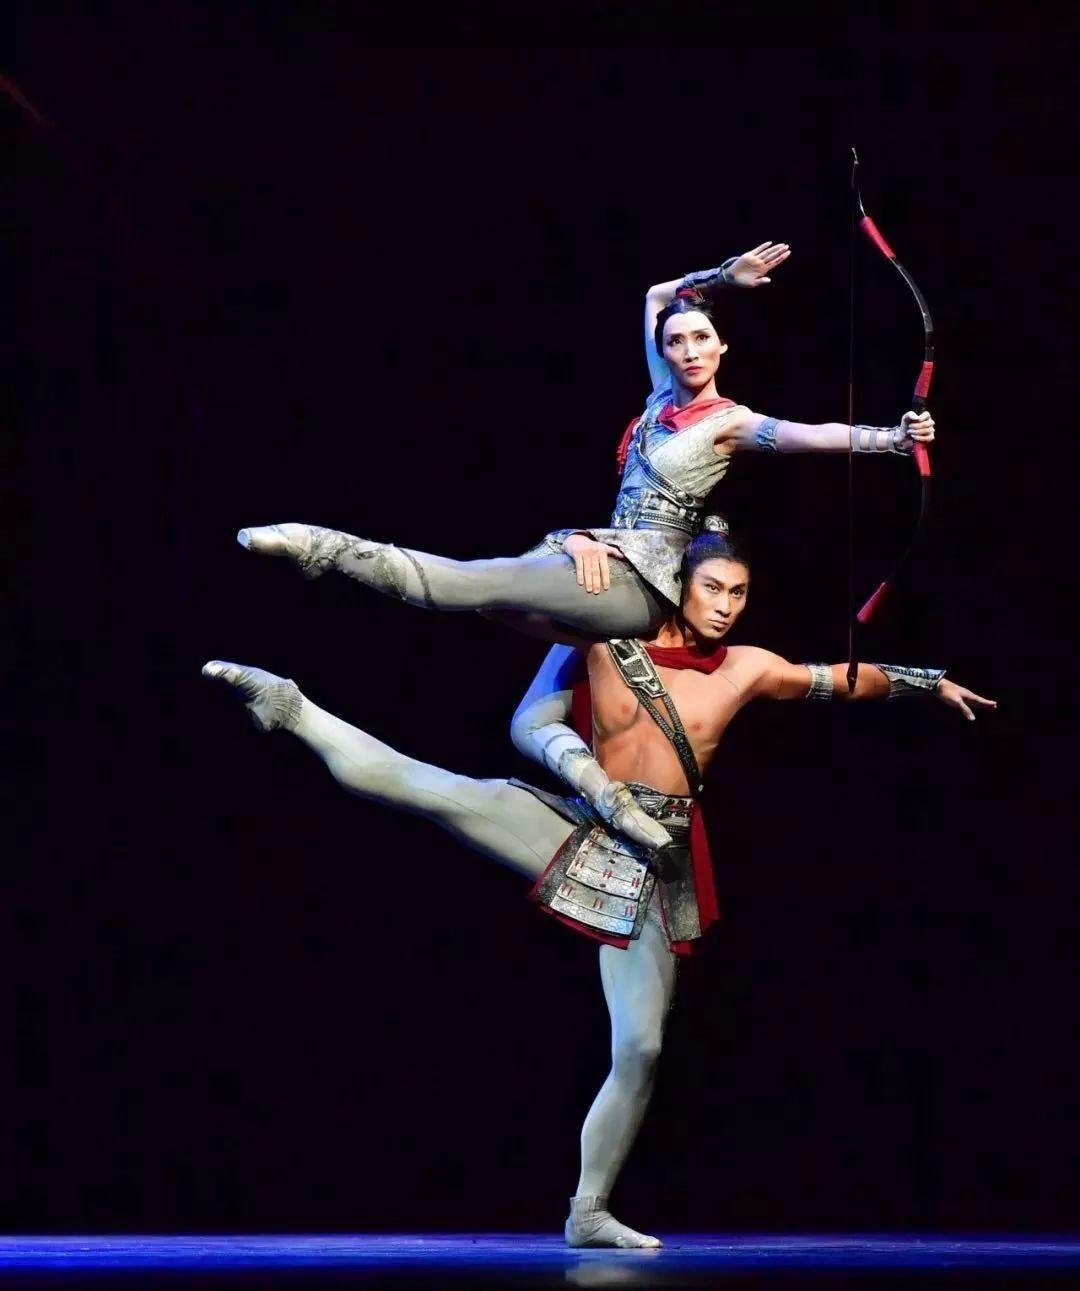 想看芭蕾舞剧《花木兰》 如何购票看过来